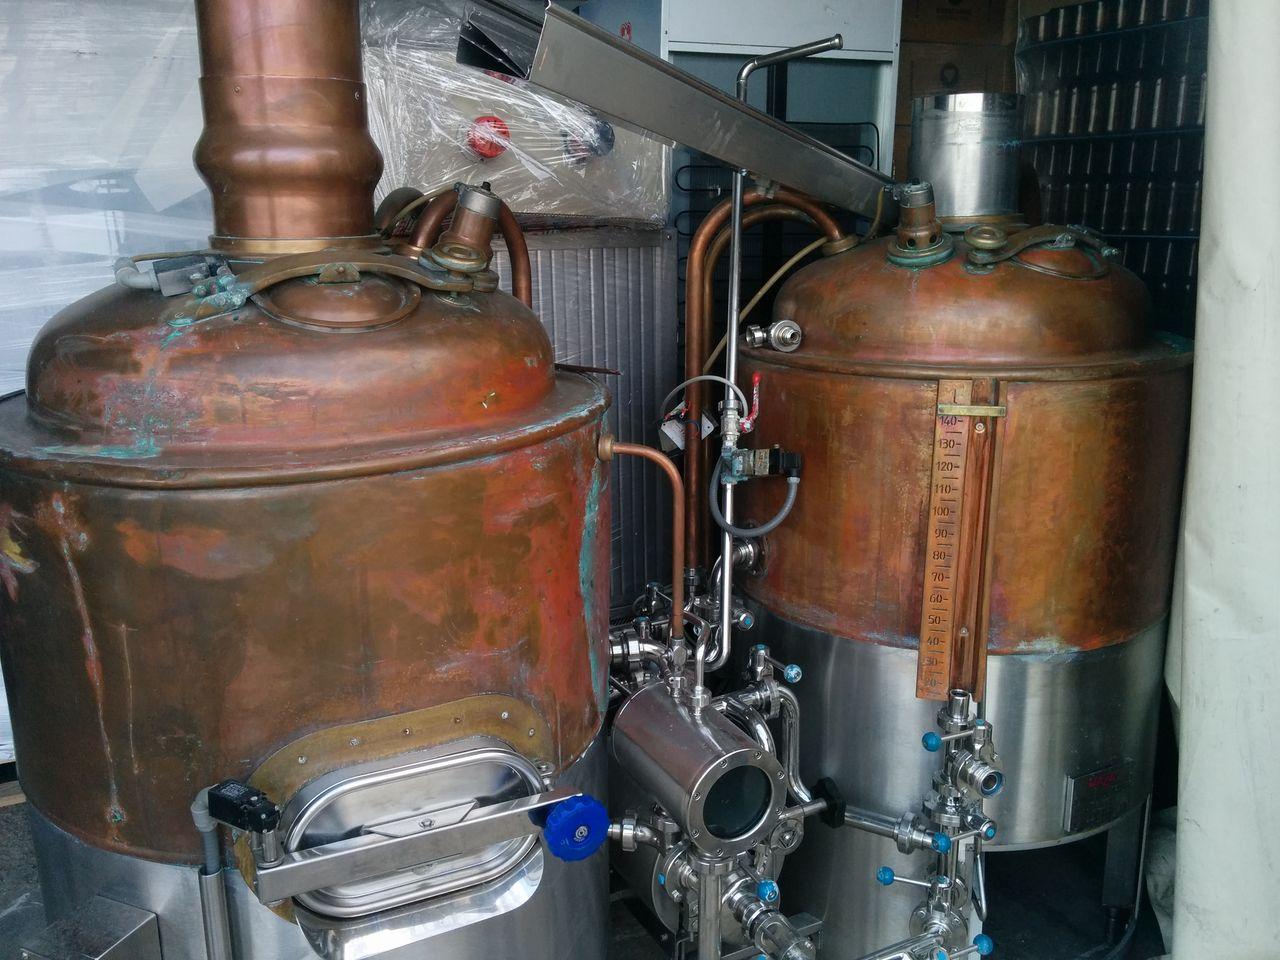 L'impianto Velo del futuro San Lorenzo Beer Lab, ovviamente prima di essere rimesso a nuovo